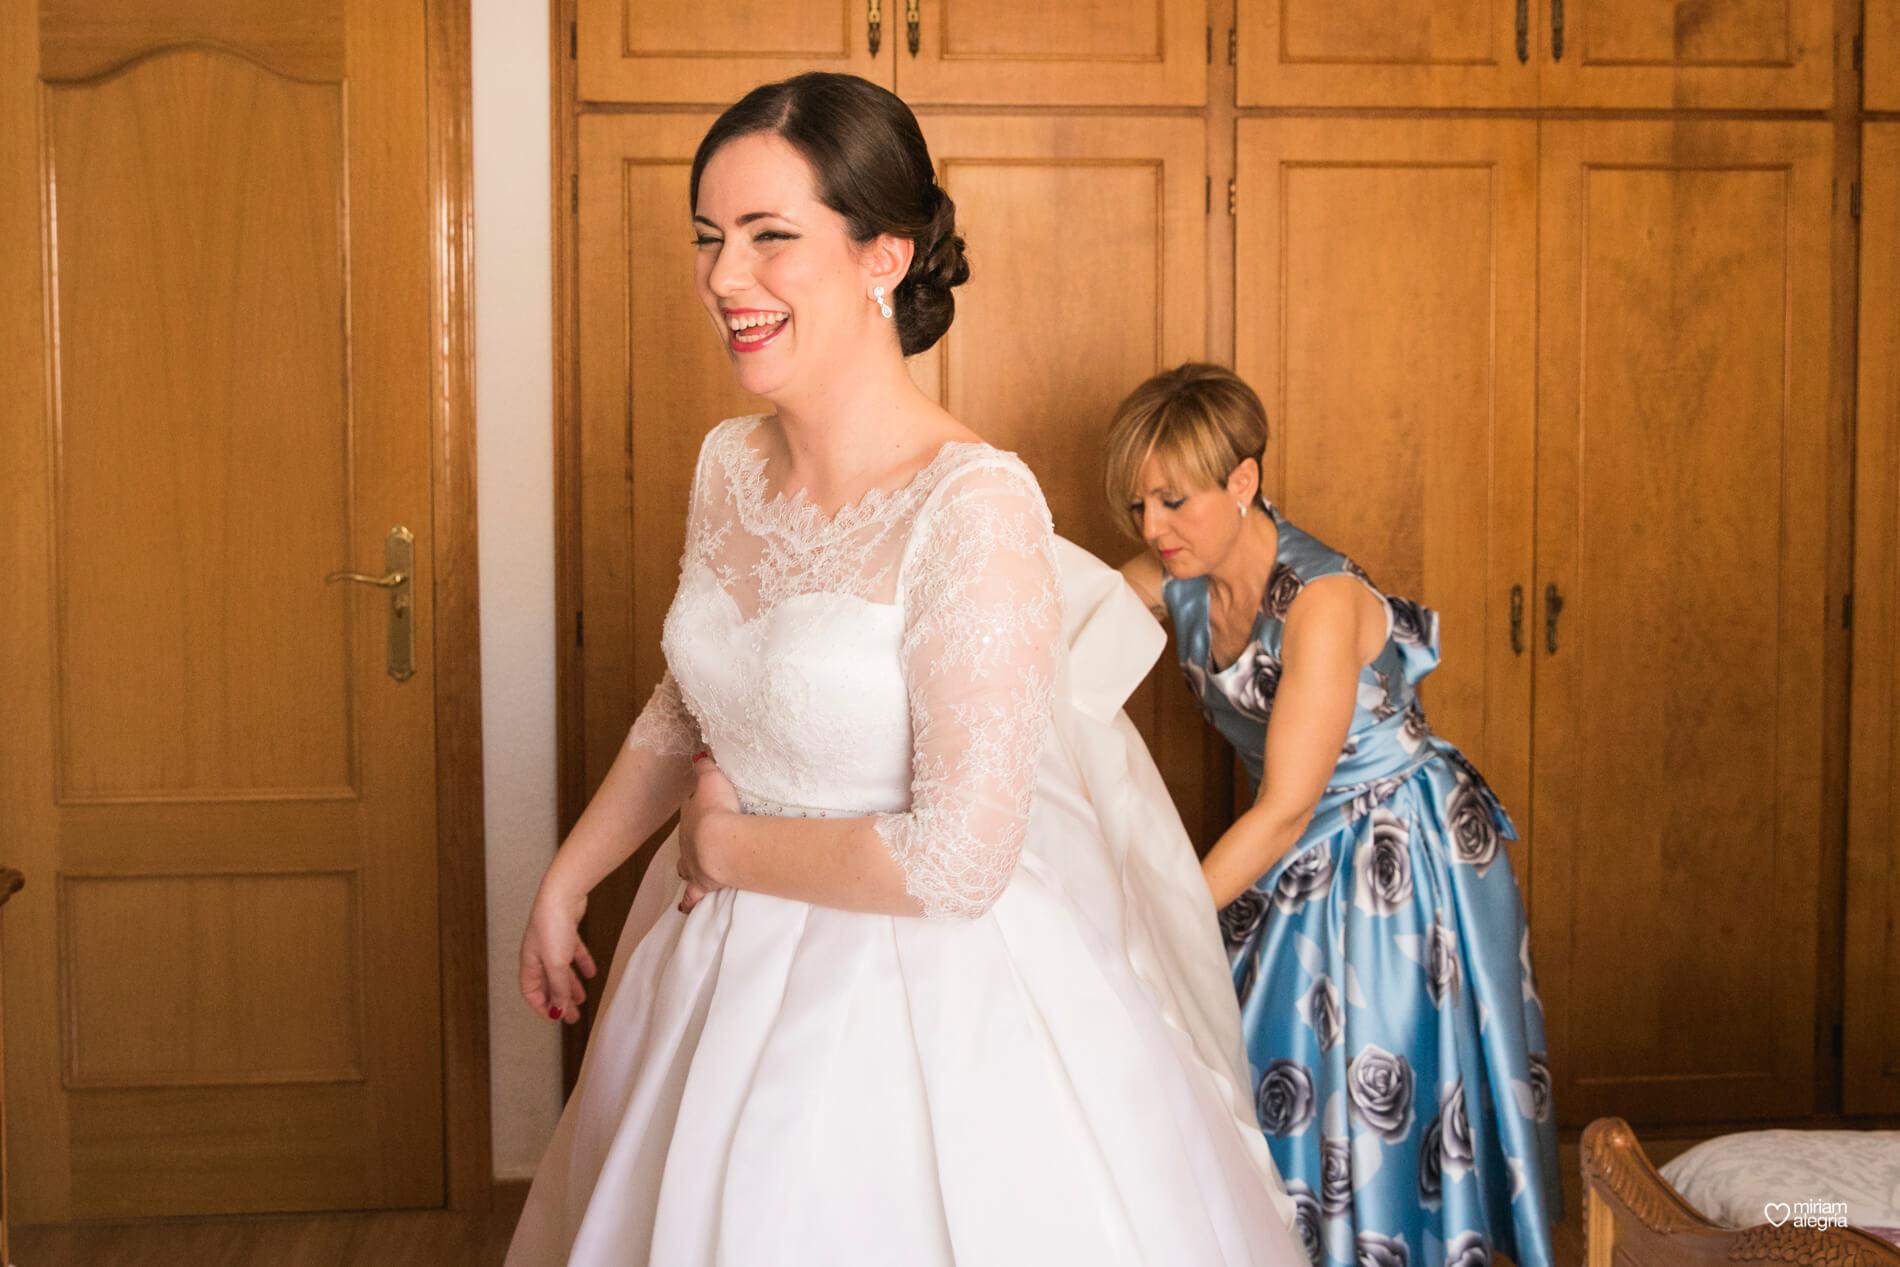 boda-en-el-rincon-huertano-miriam-alegria-fotografos-boda-murcia-18